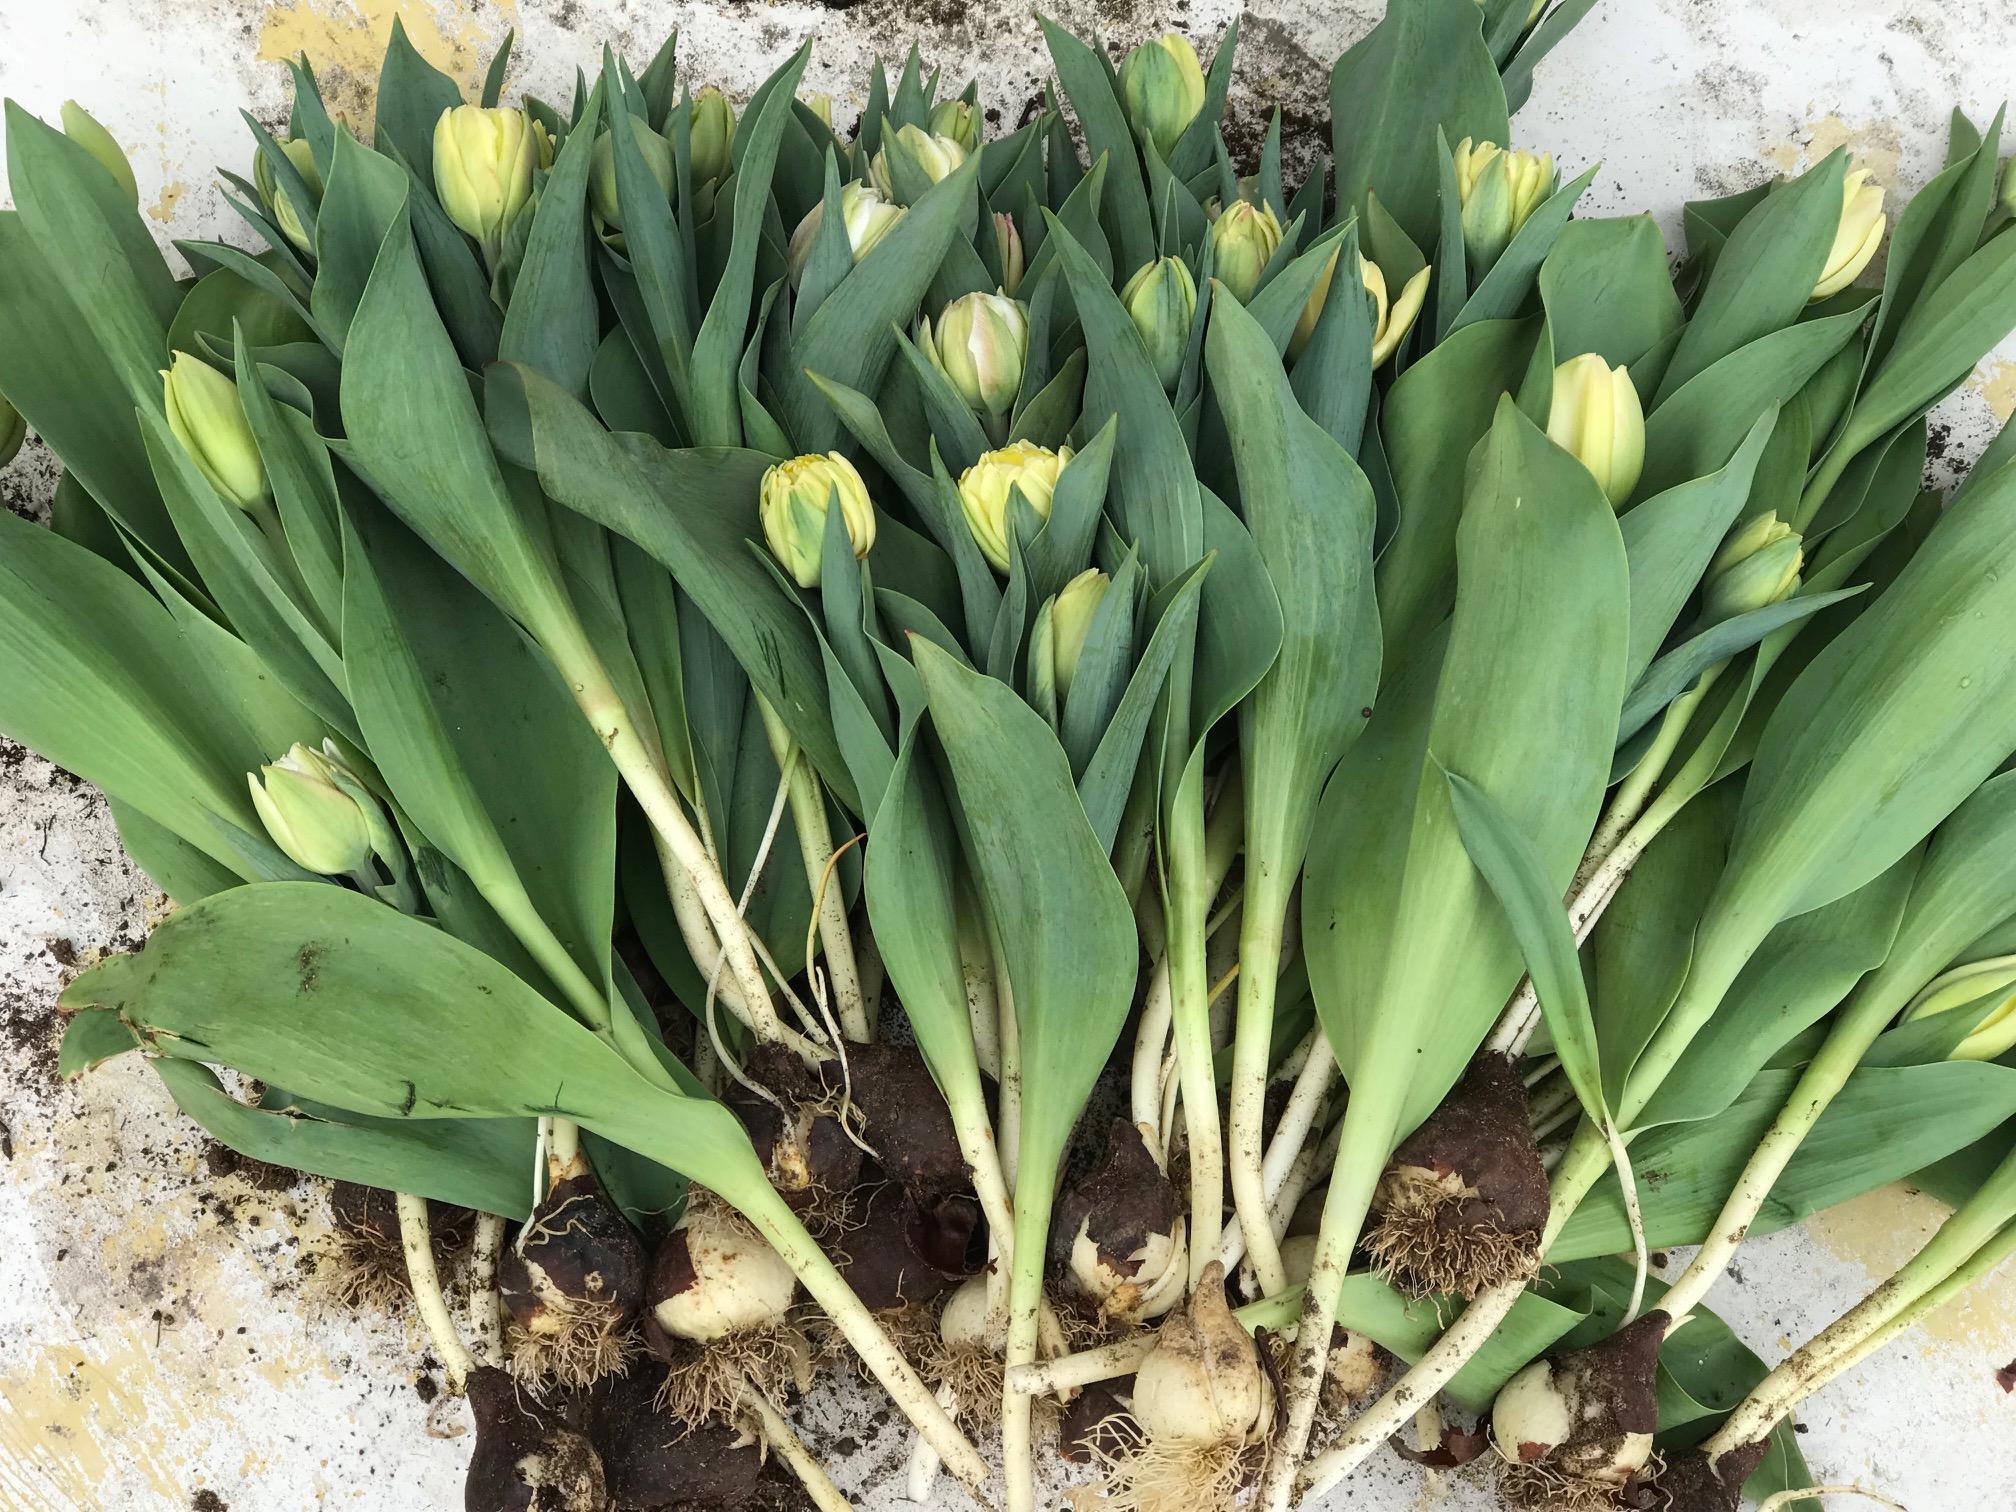 tulipsharvest2018.jpg